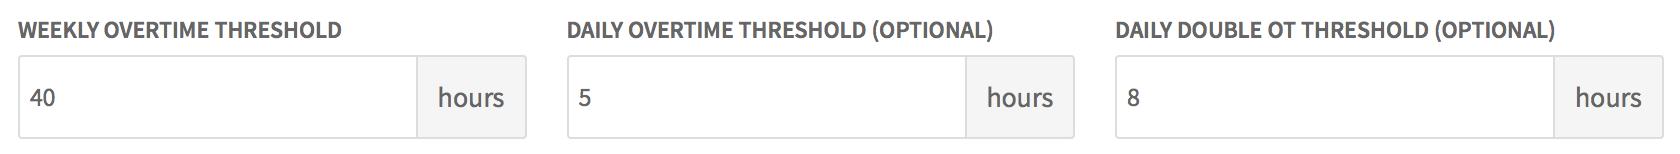 Overtime thresholds